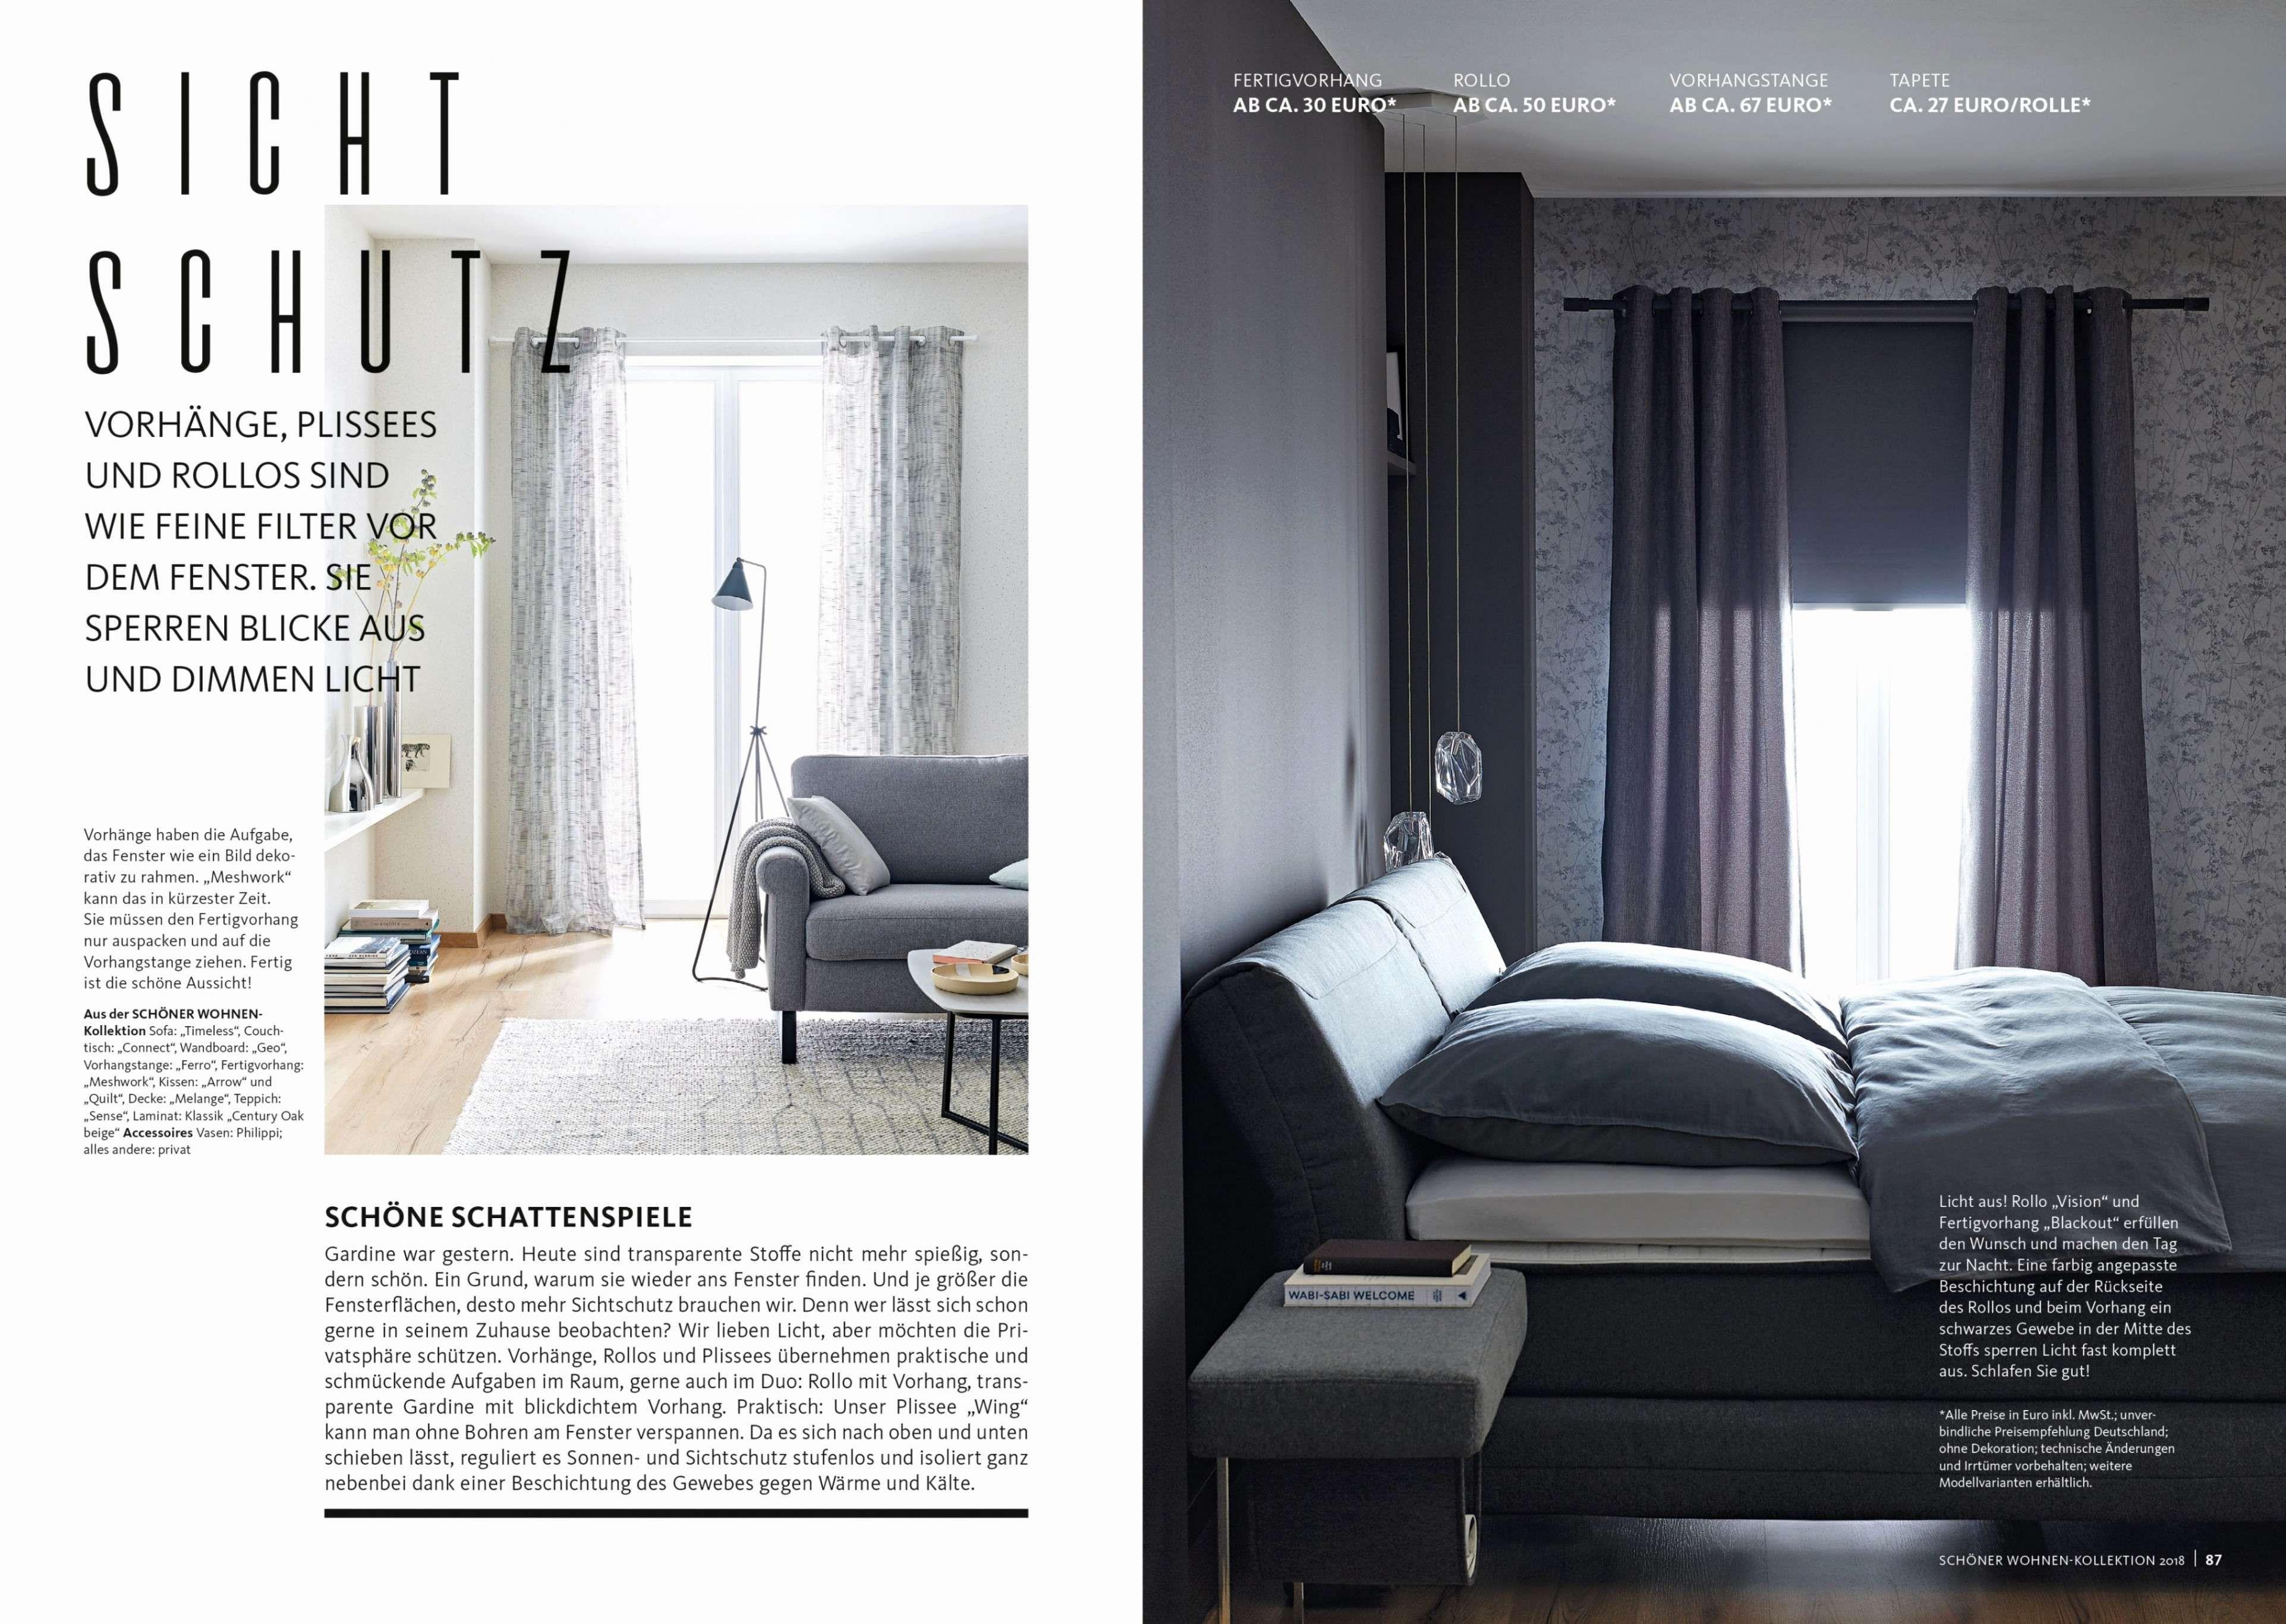 Mann Mobilia Teppiche Dekorieren Ein Wohnzimmer Ohne Sofa Wohlgeformte Couch Mann Mobilia In 2020 Living Room Modern Wall Clocks Living Room Decor